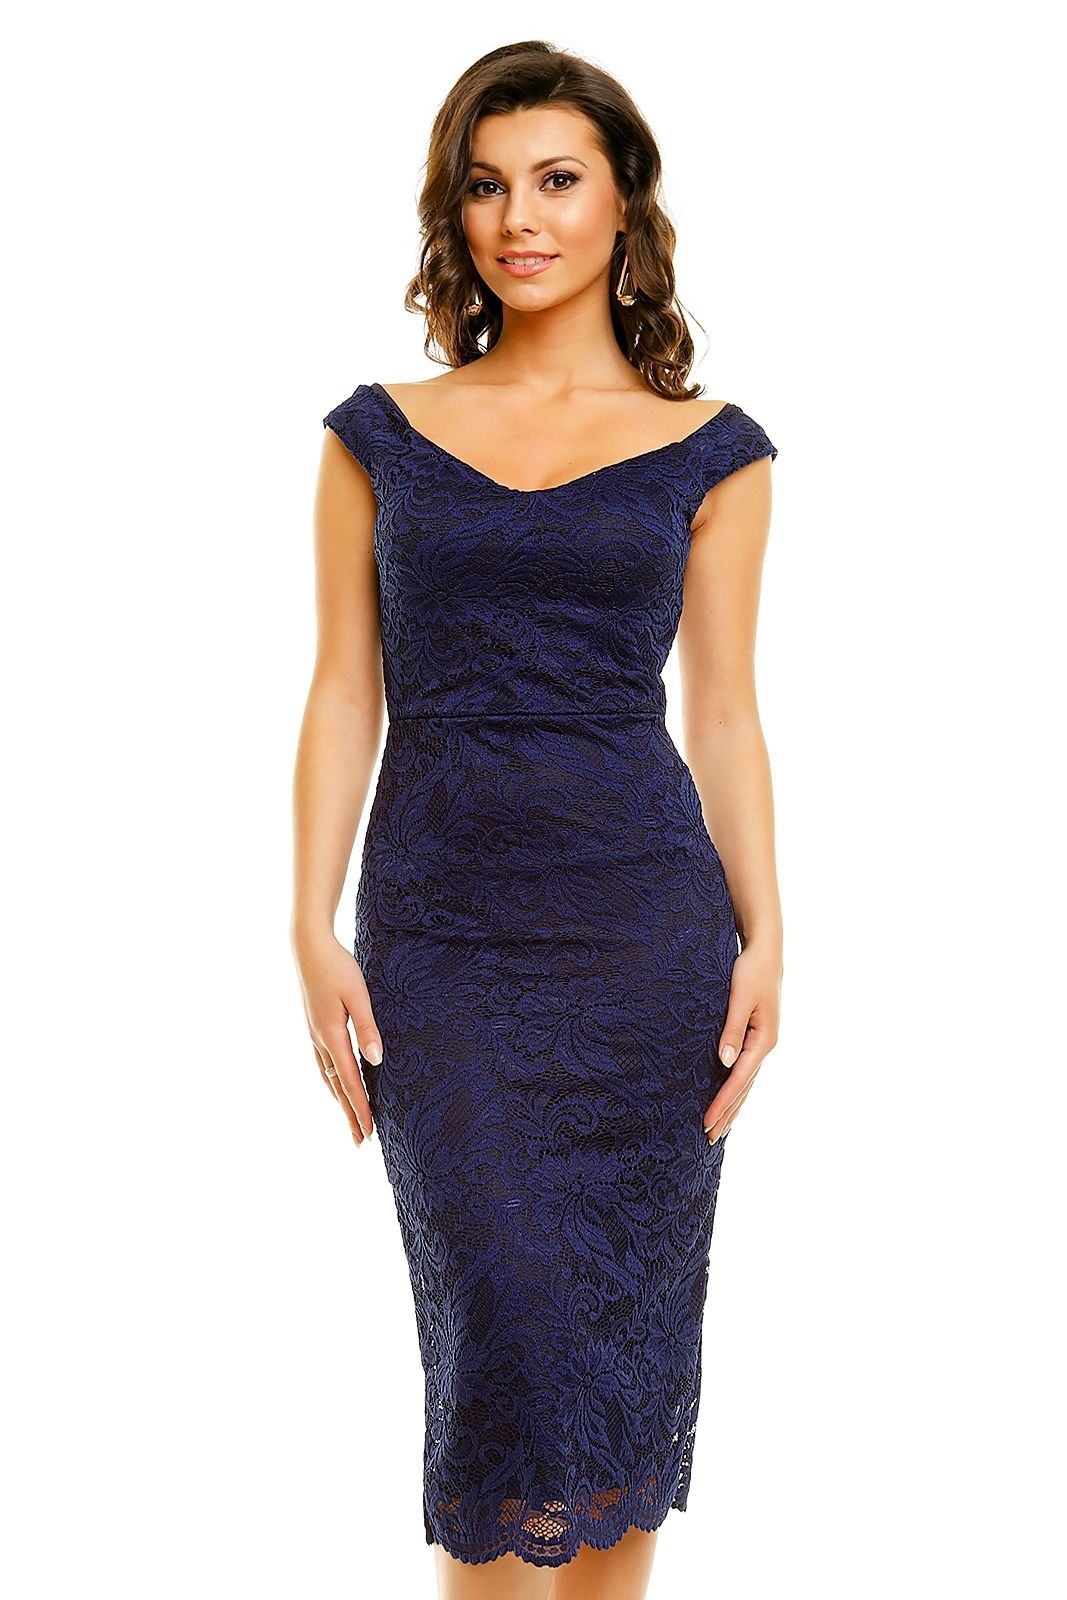 Fashion day robe de soiree